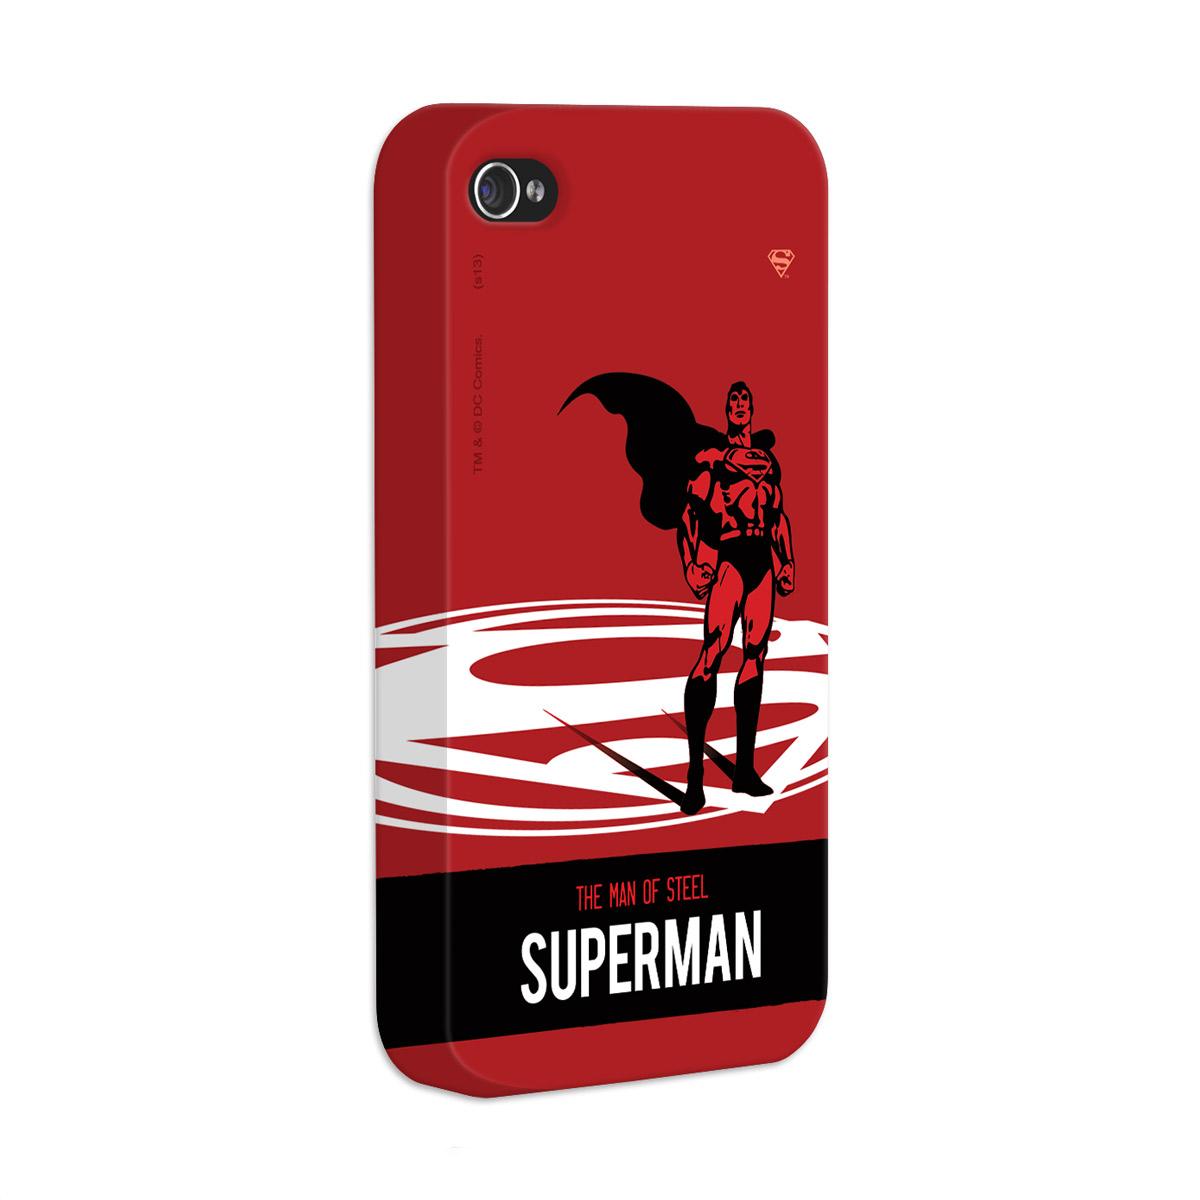 Capa de iPhone 4/4S Superman The Man of Steel